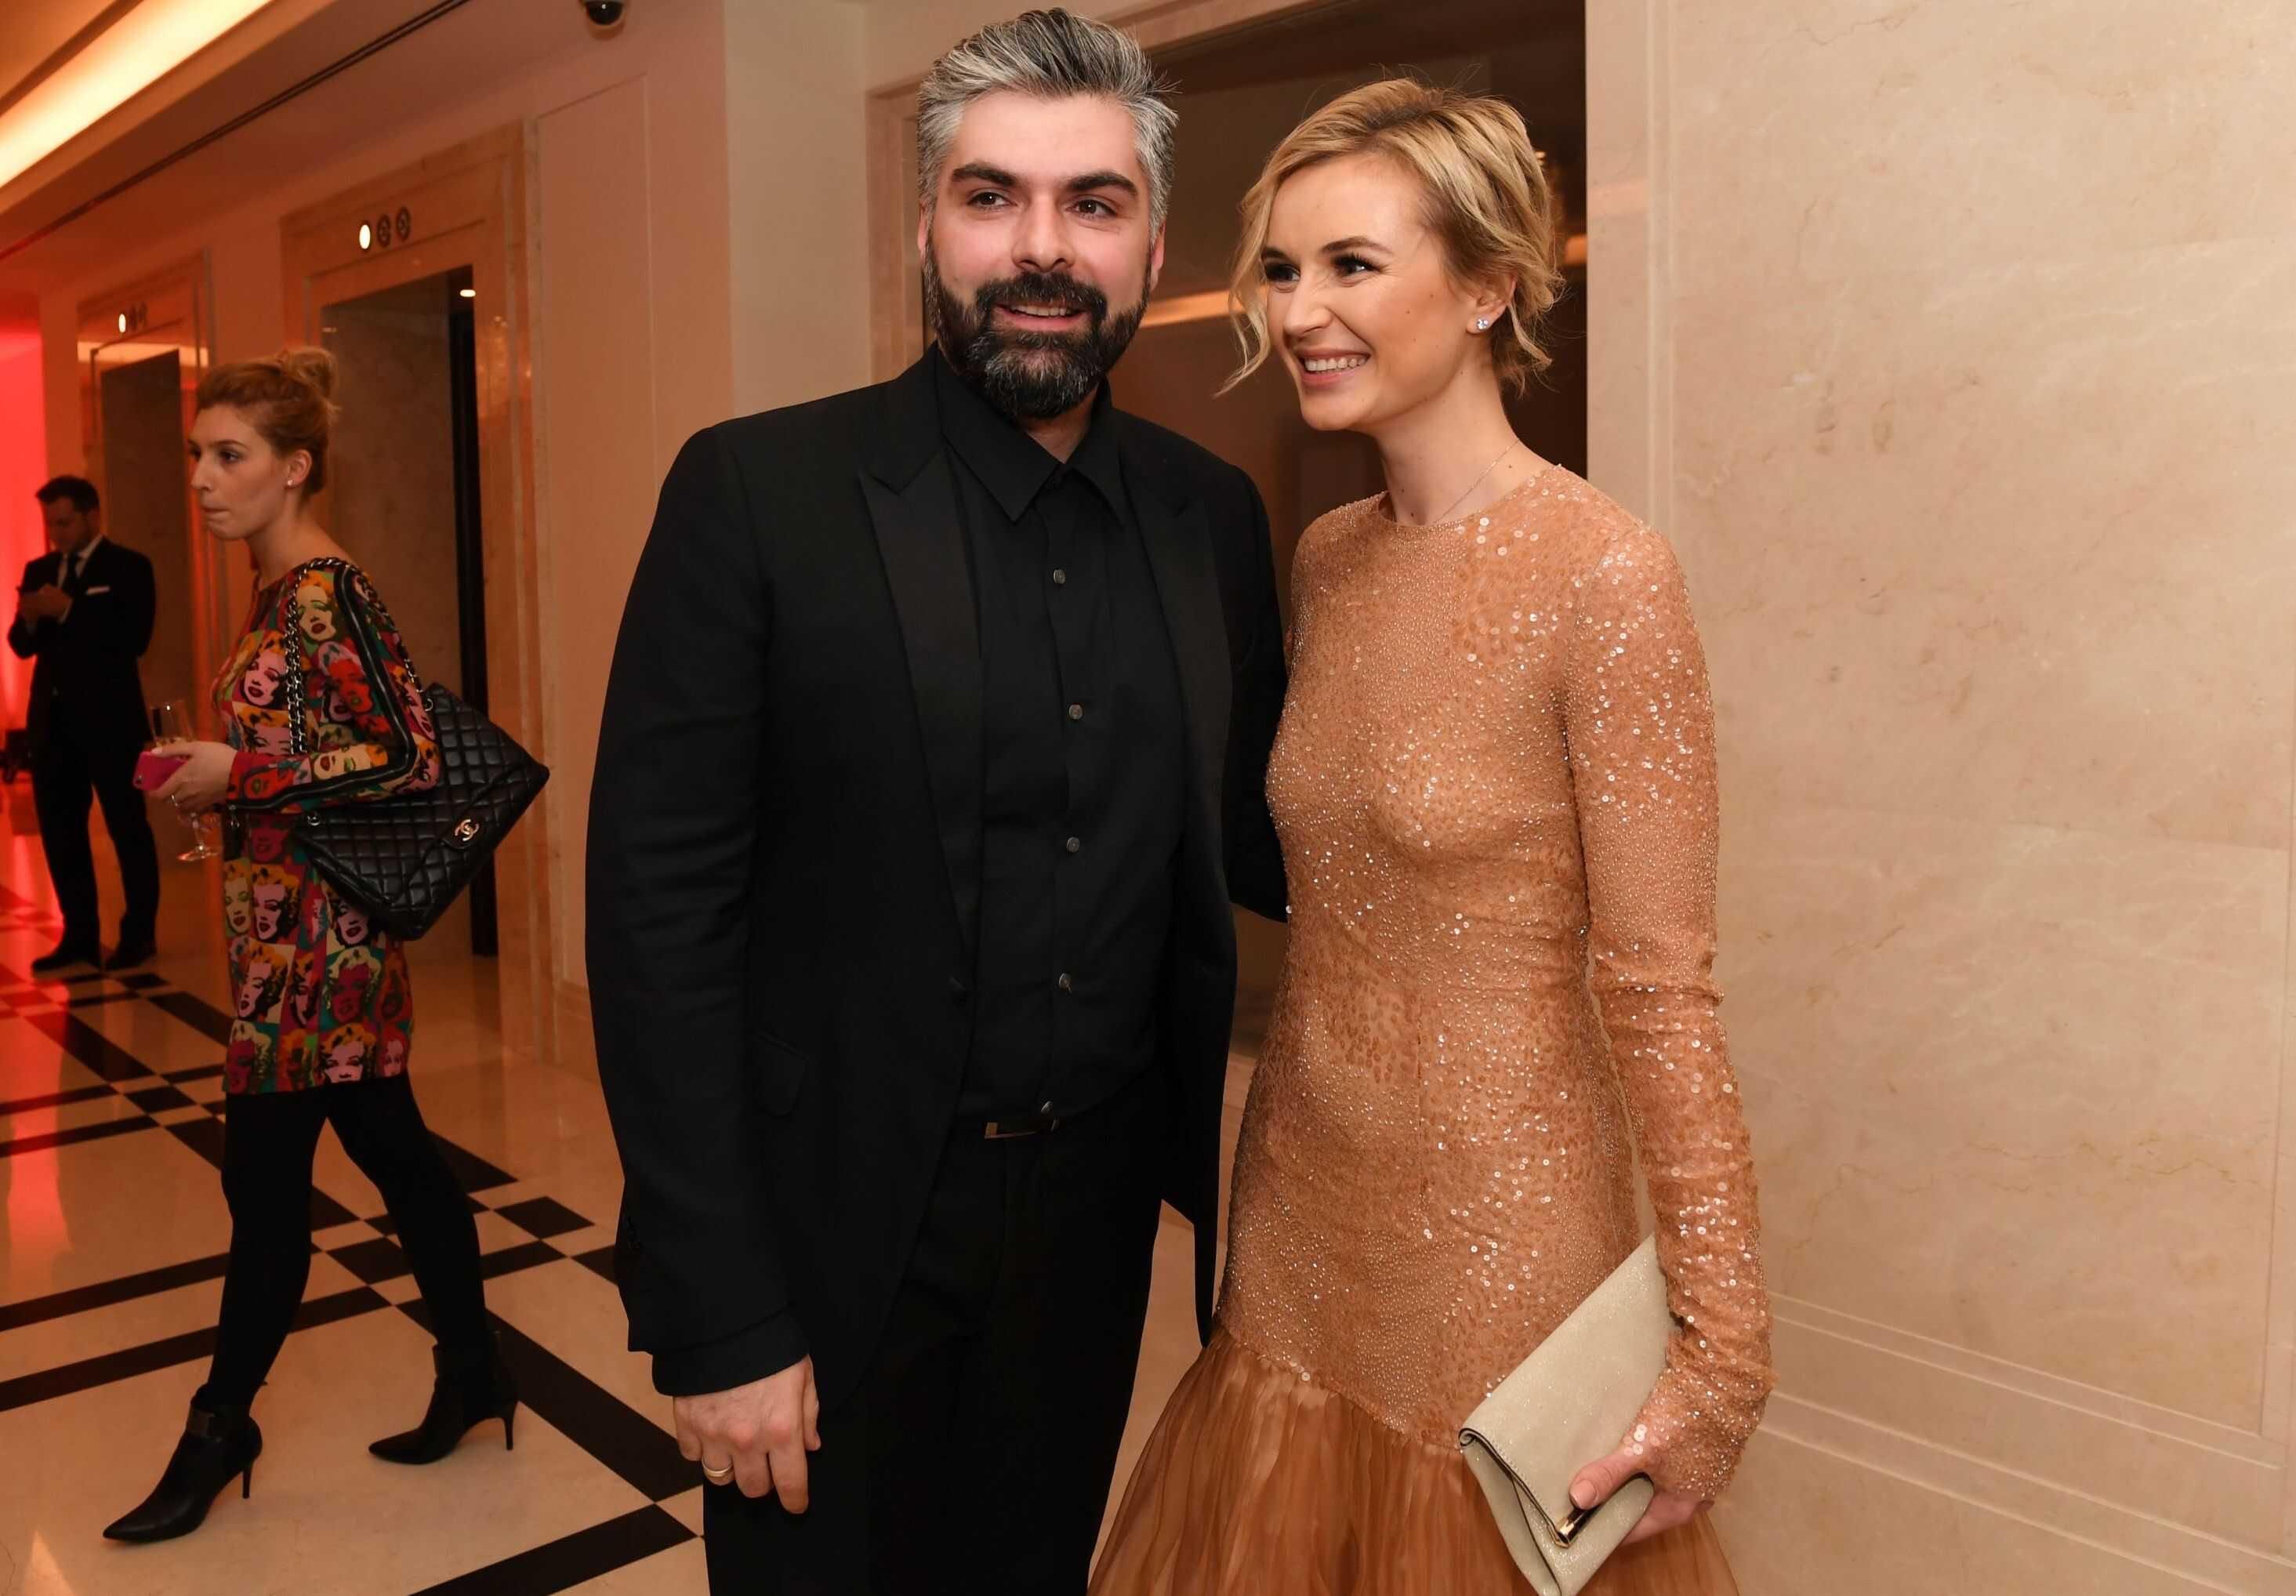 Дмитрий Исхаков заявил, что намерен разрушить новые отношения Полины Гагариной